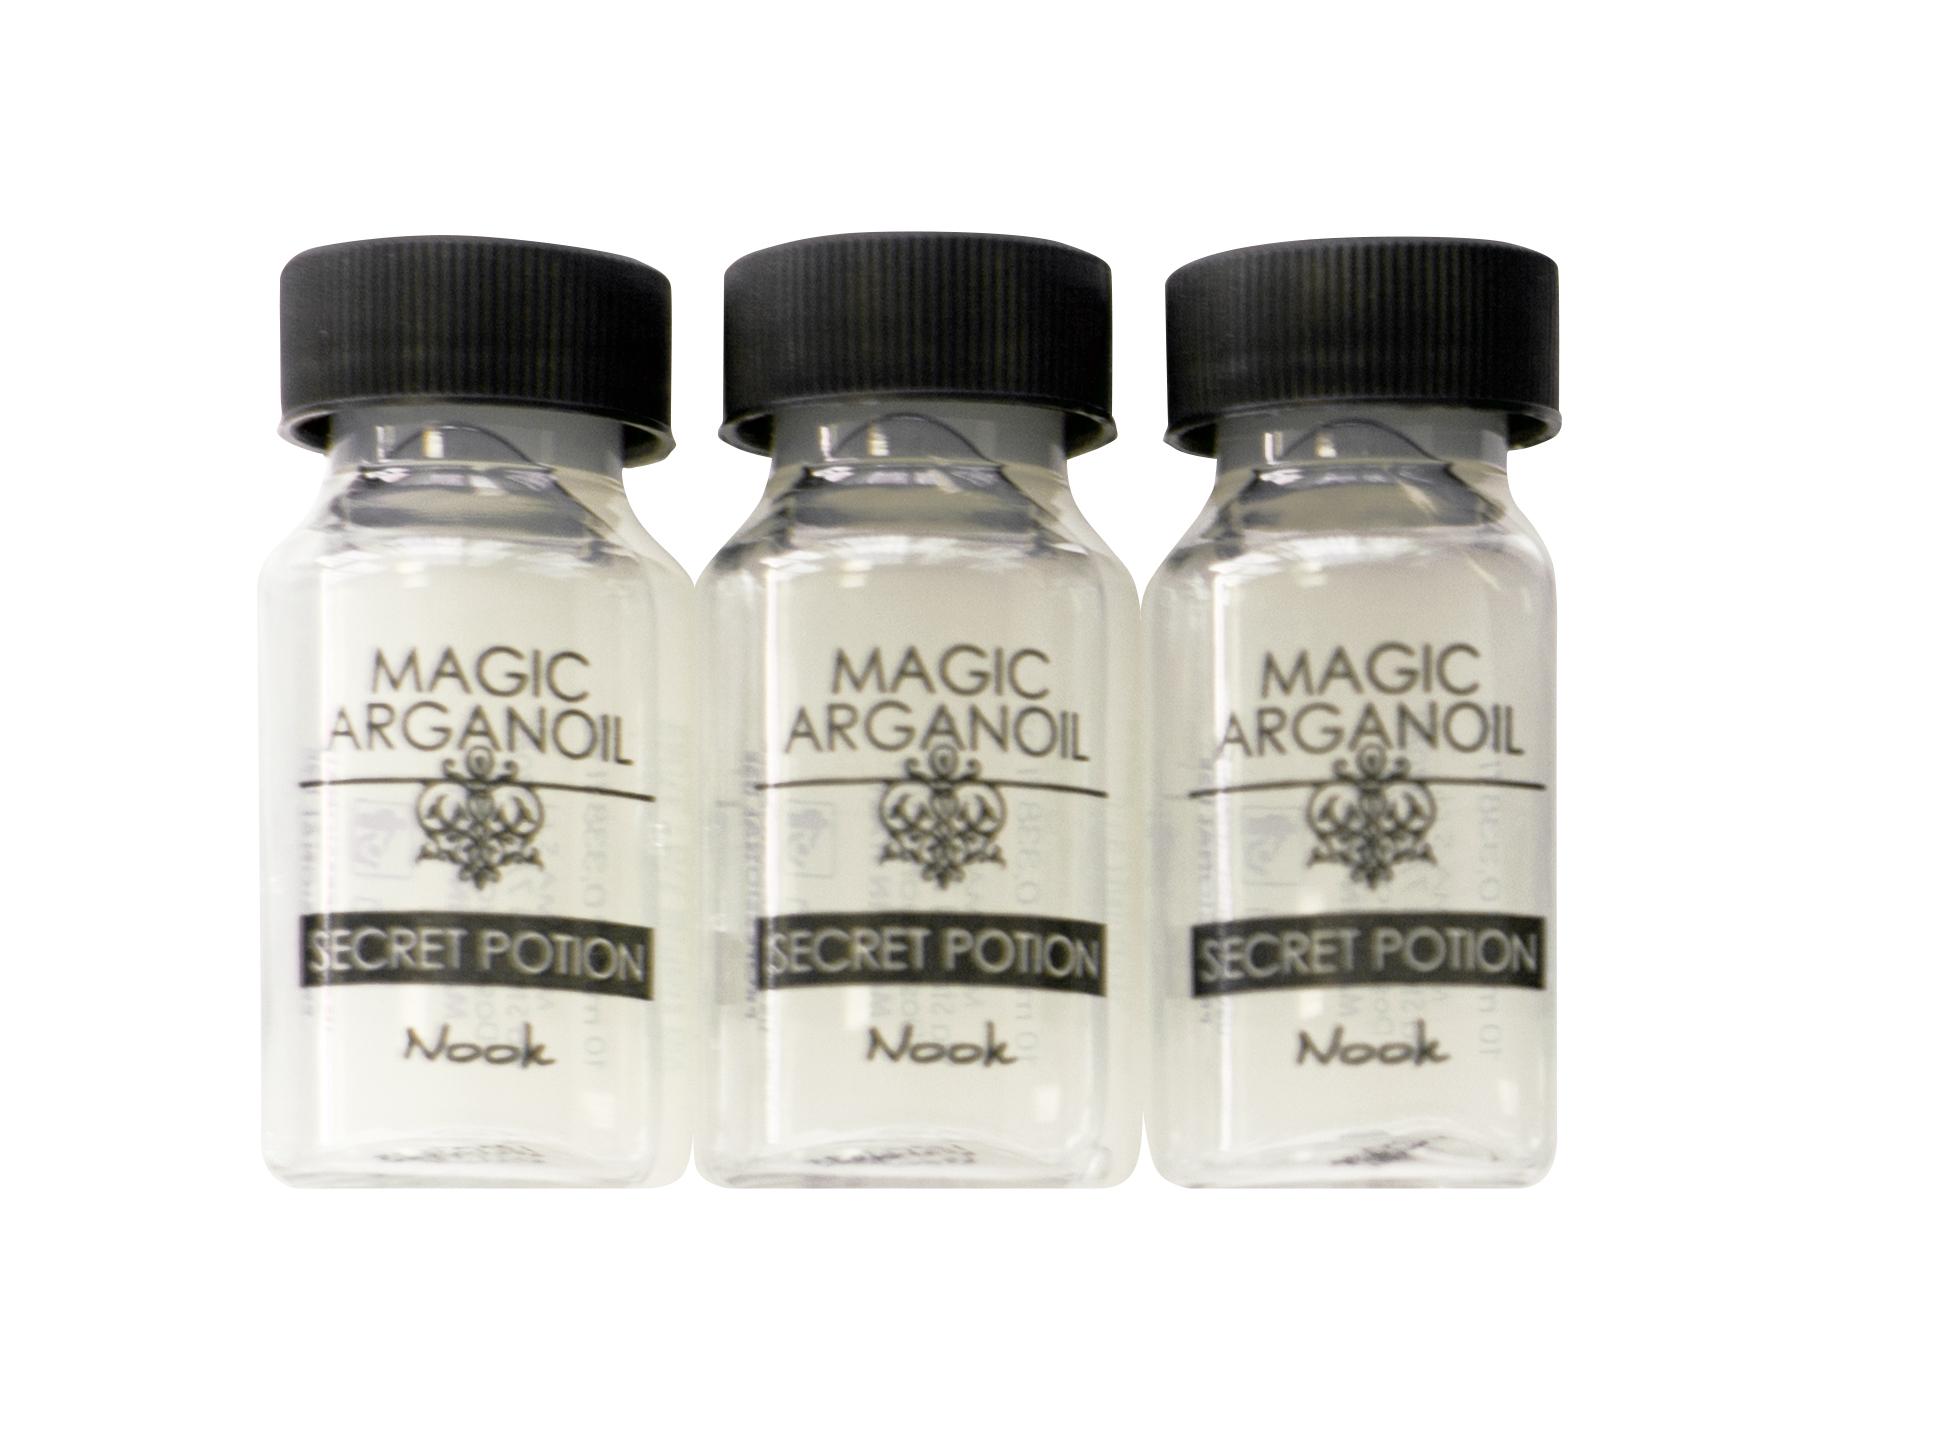 NOOK Уход интенсивный Секретное снадобье с маслом арганы и кератином / MAGIC ARGANOIL 9*10 мл уход guam upker kolor 9 0 цвет очень светлый блонд интенсивный 9 0 variant hex name c29f60